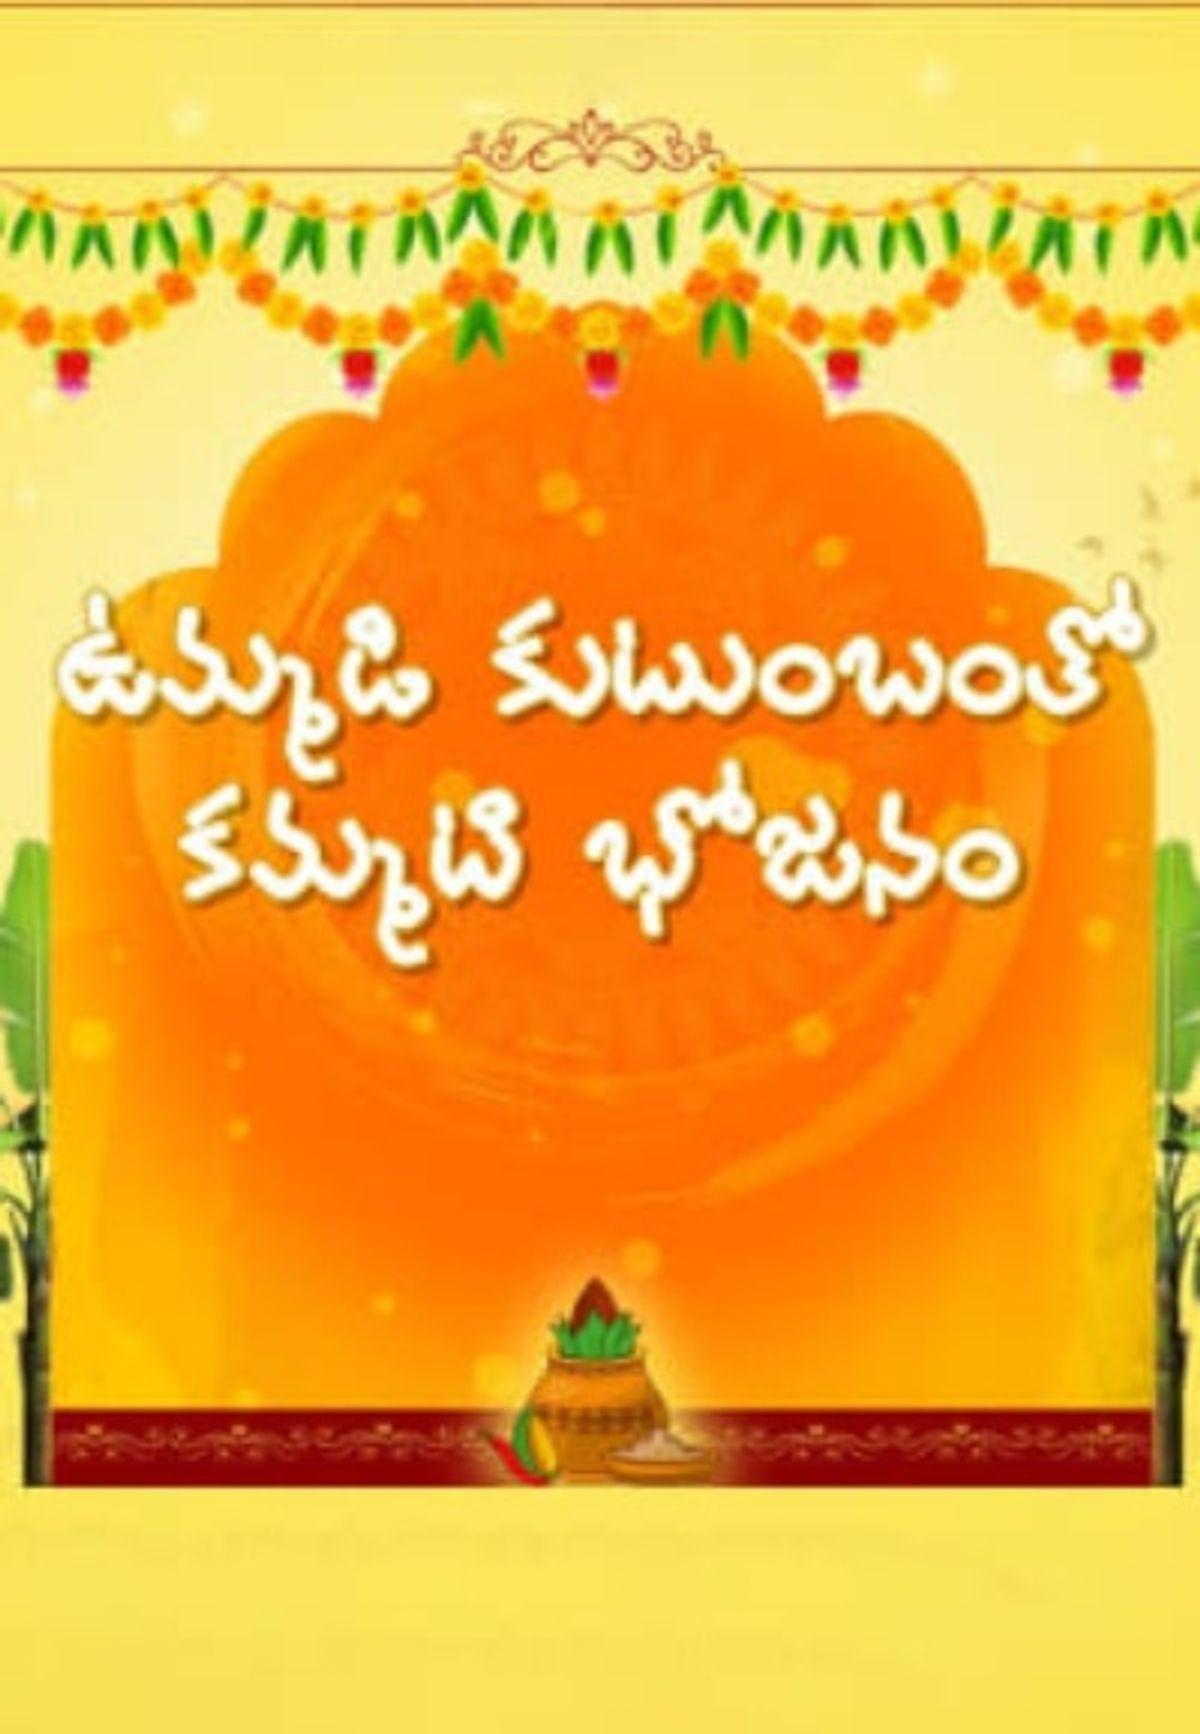 Ummadi Kutumbam tho Kammati Bhojanam